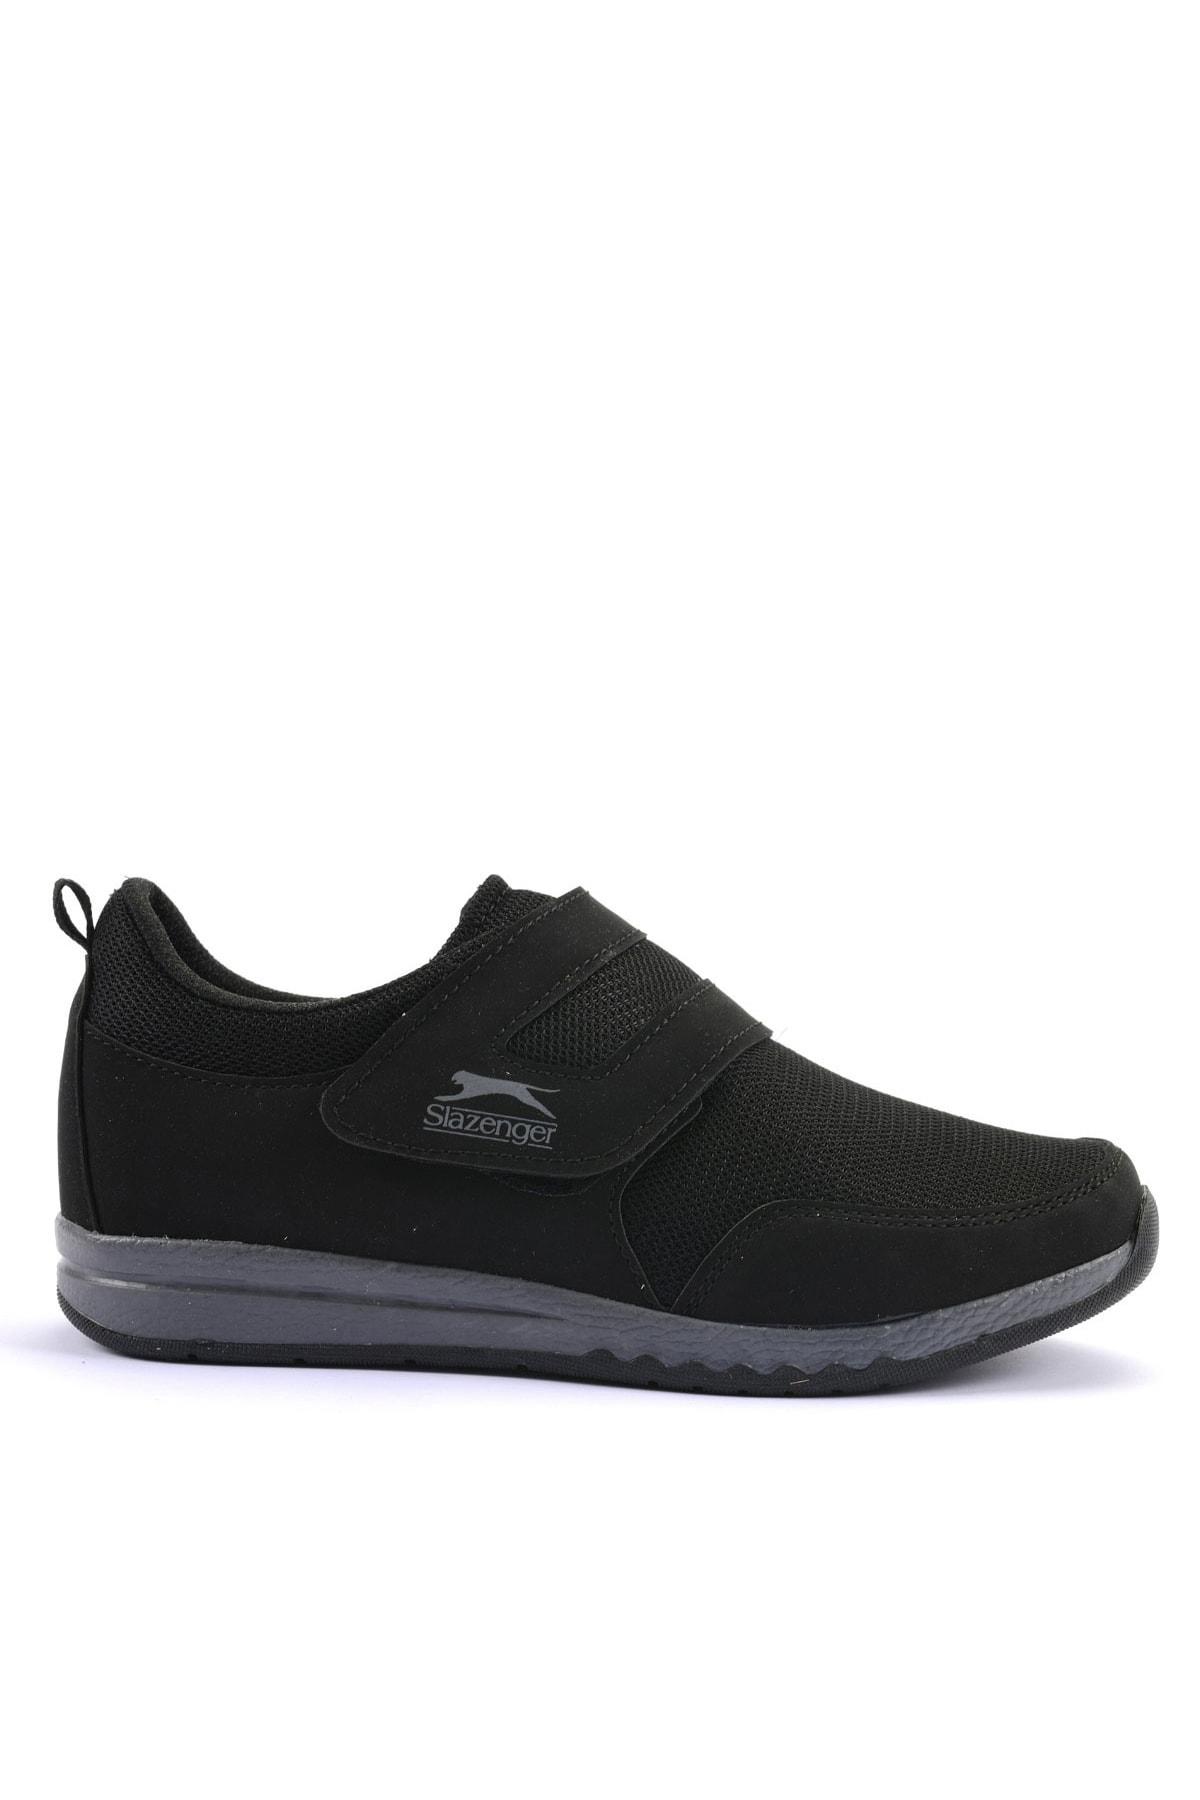 Slazenger Alıson Günlük Giyim Kadın Ayakkabı Siyah / K.gri 1